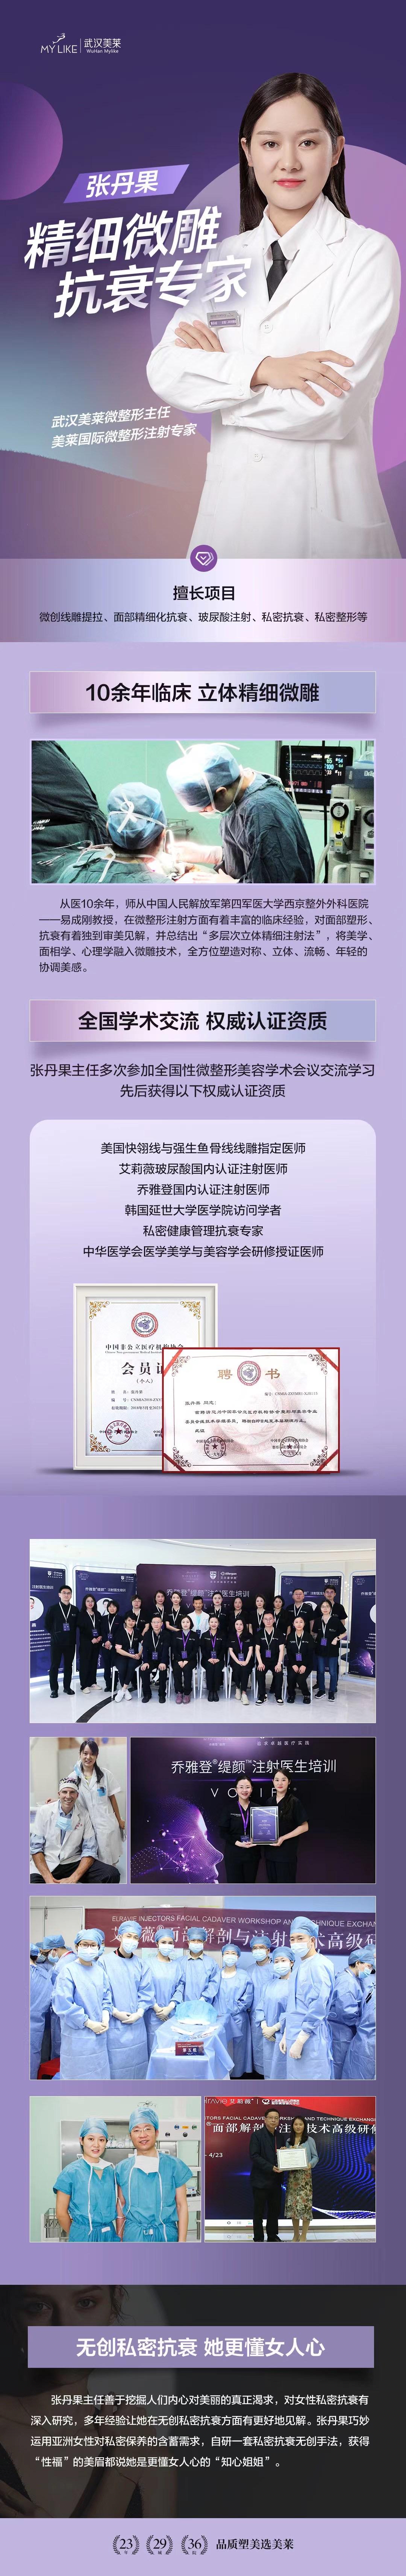 武汉美莱张丹果——精细微雕抗衰专家